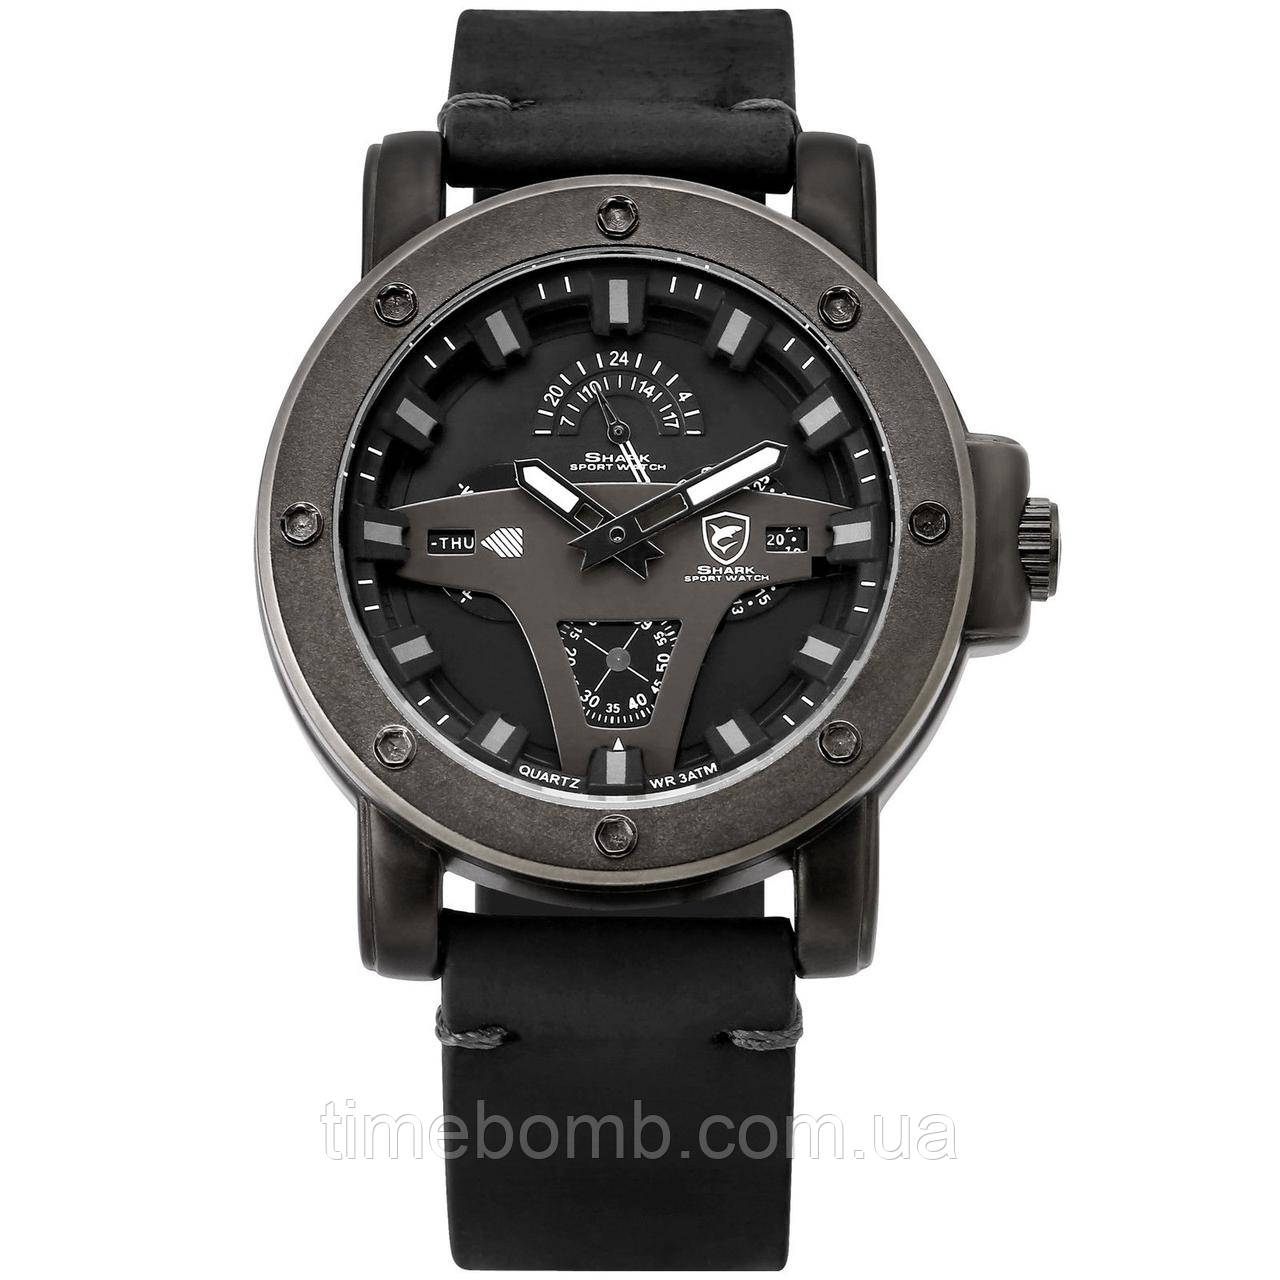 Часы наручные мужские shark купить купить часы в оаэ цена